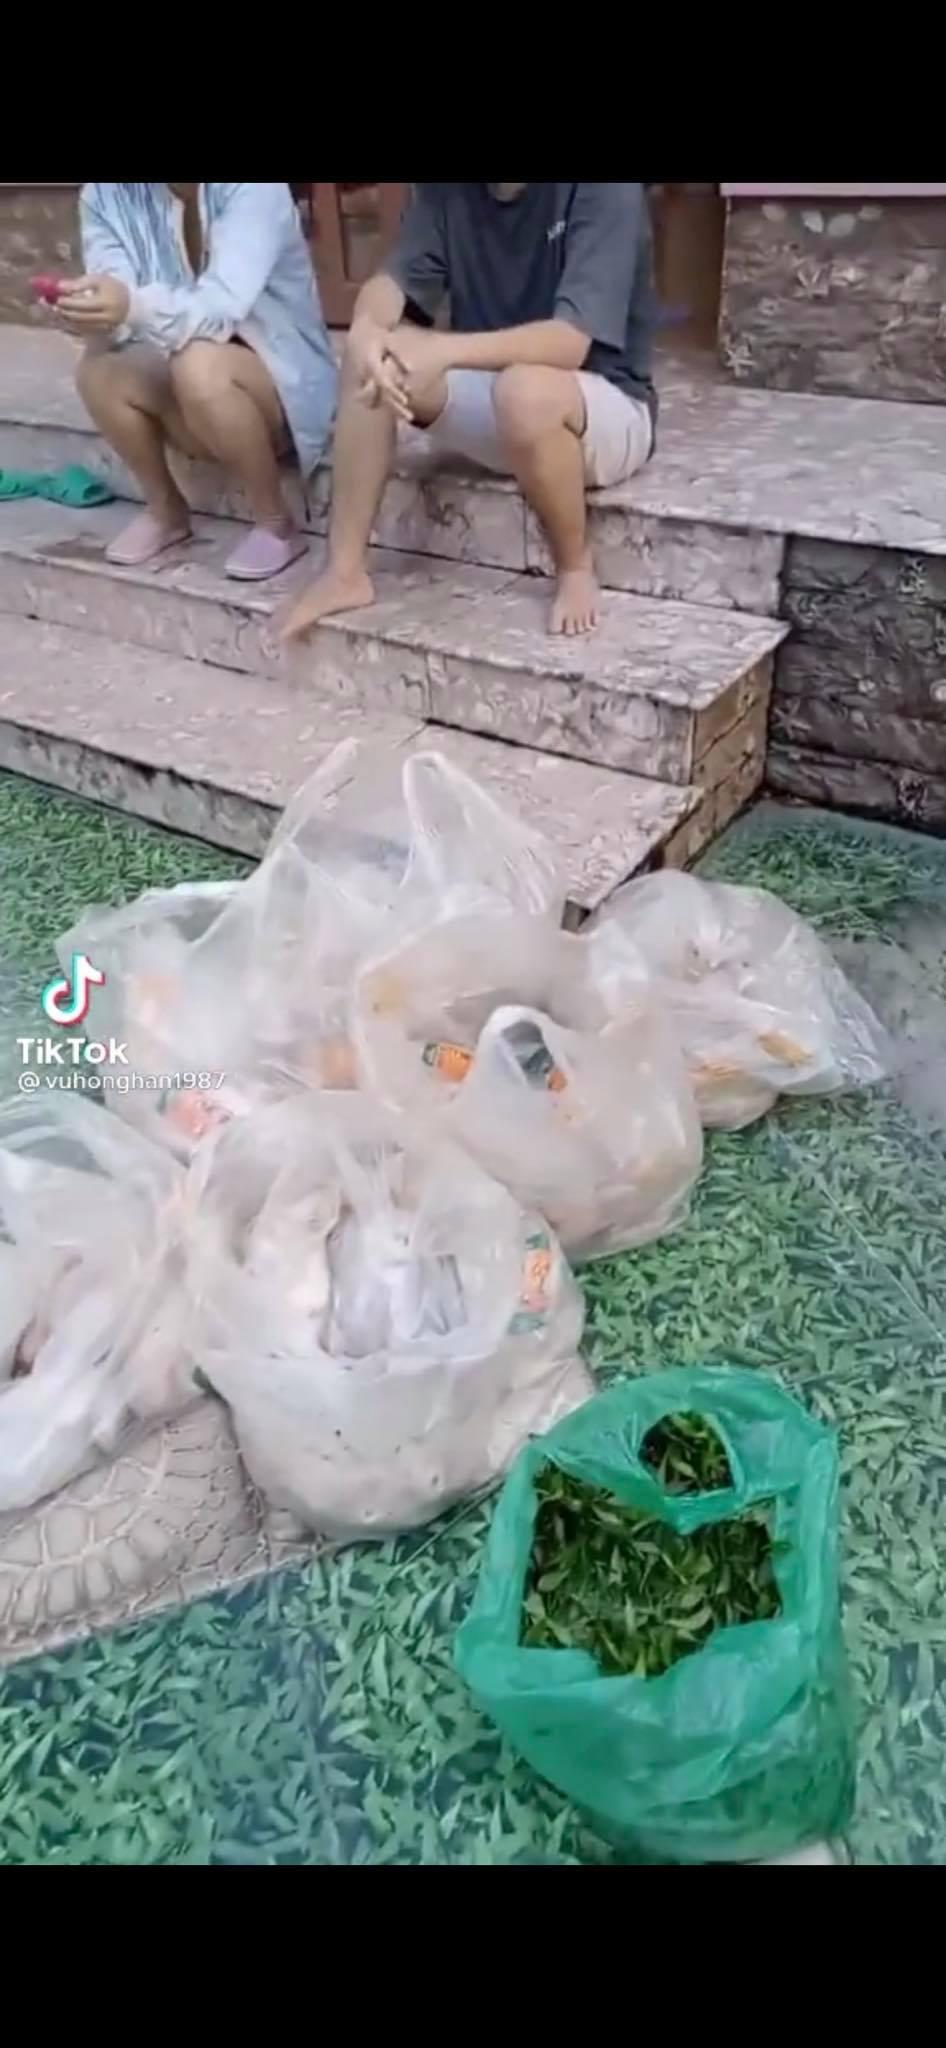 Giữa mùa dịch có một bà chủ chơi lớn tặng gạo miễn phí, cứ 3 ngày lại đều đặn phát 1 con gà và rau xanh cho người thuê trọ-1